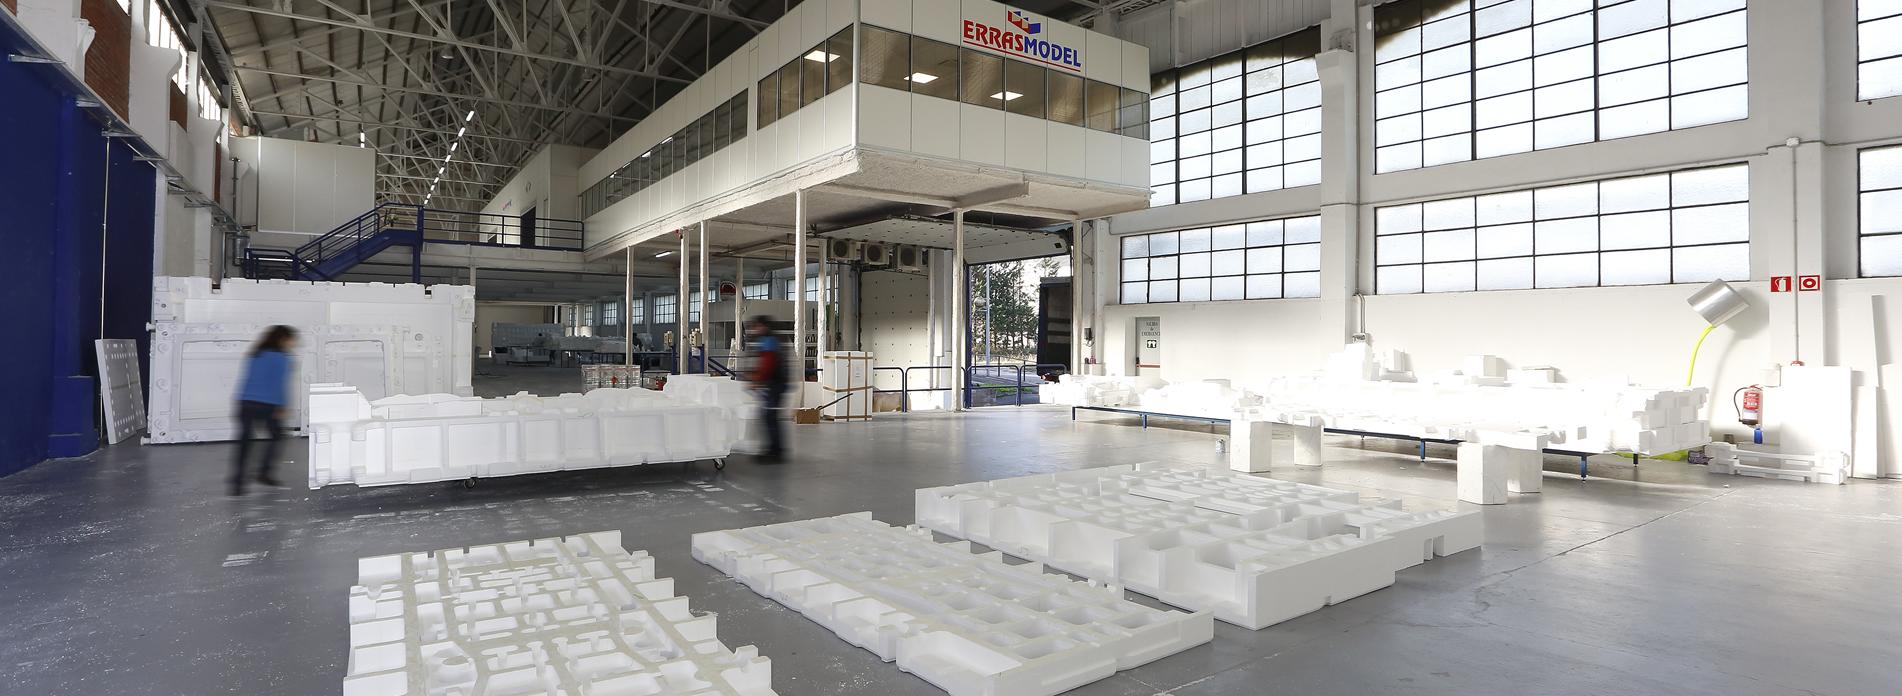 Spezialisten für die Herstellung von Polystyrol-Gussmodellen für Formwerkzeuge für den Automobil- und Werkzeugmaschinensektor